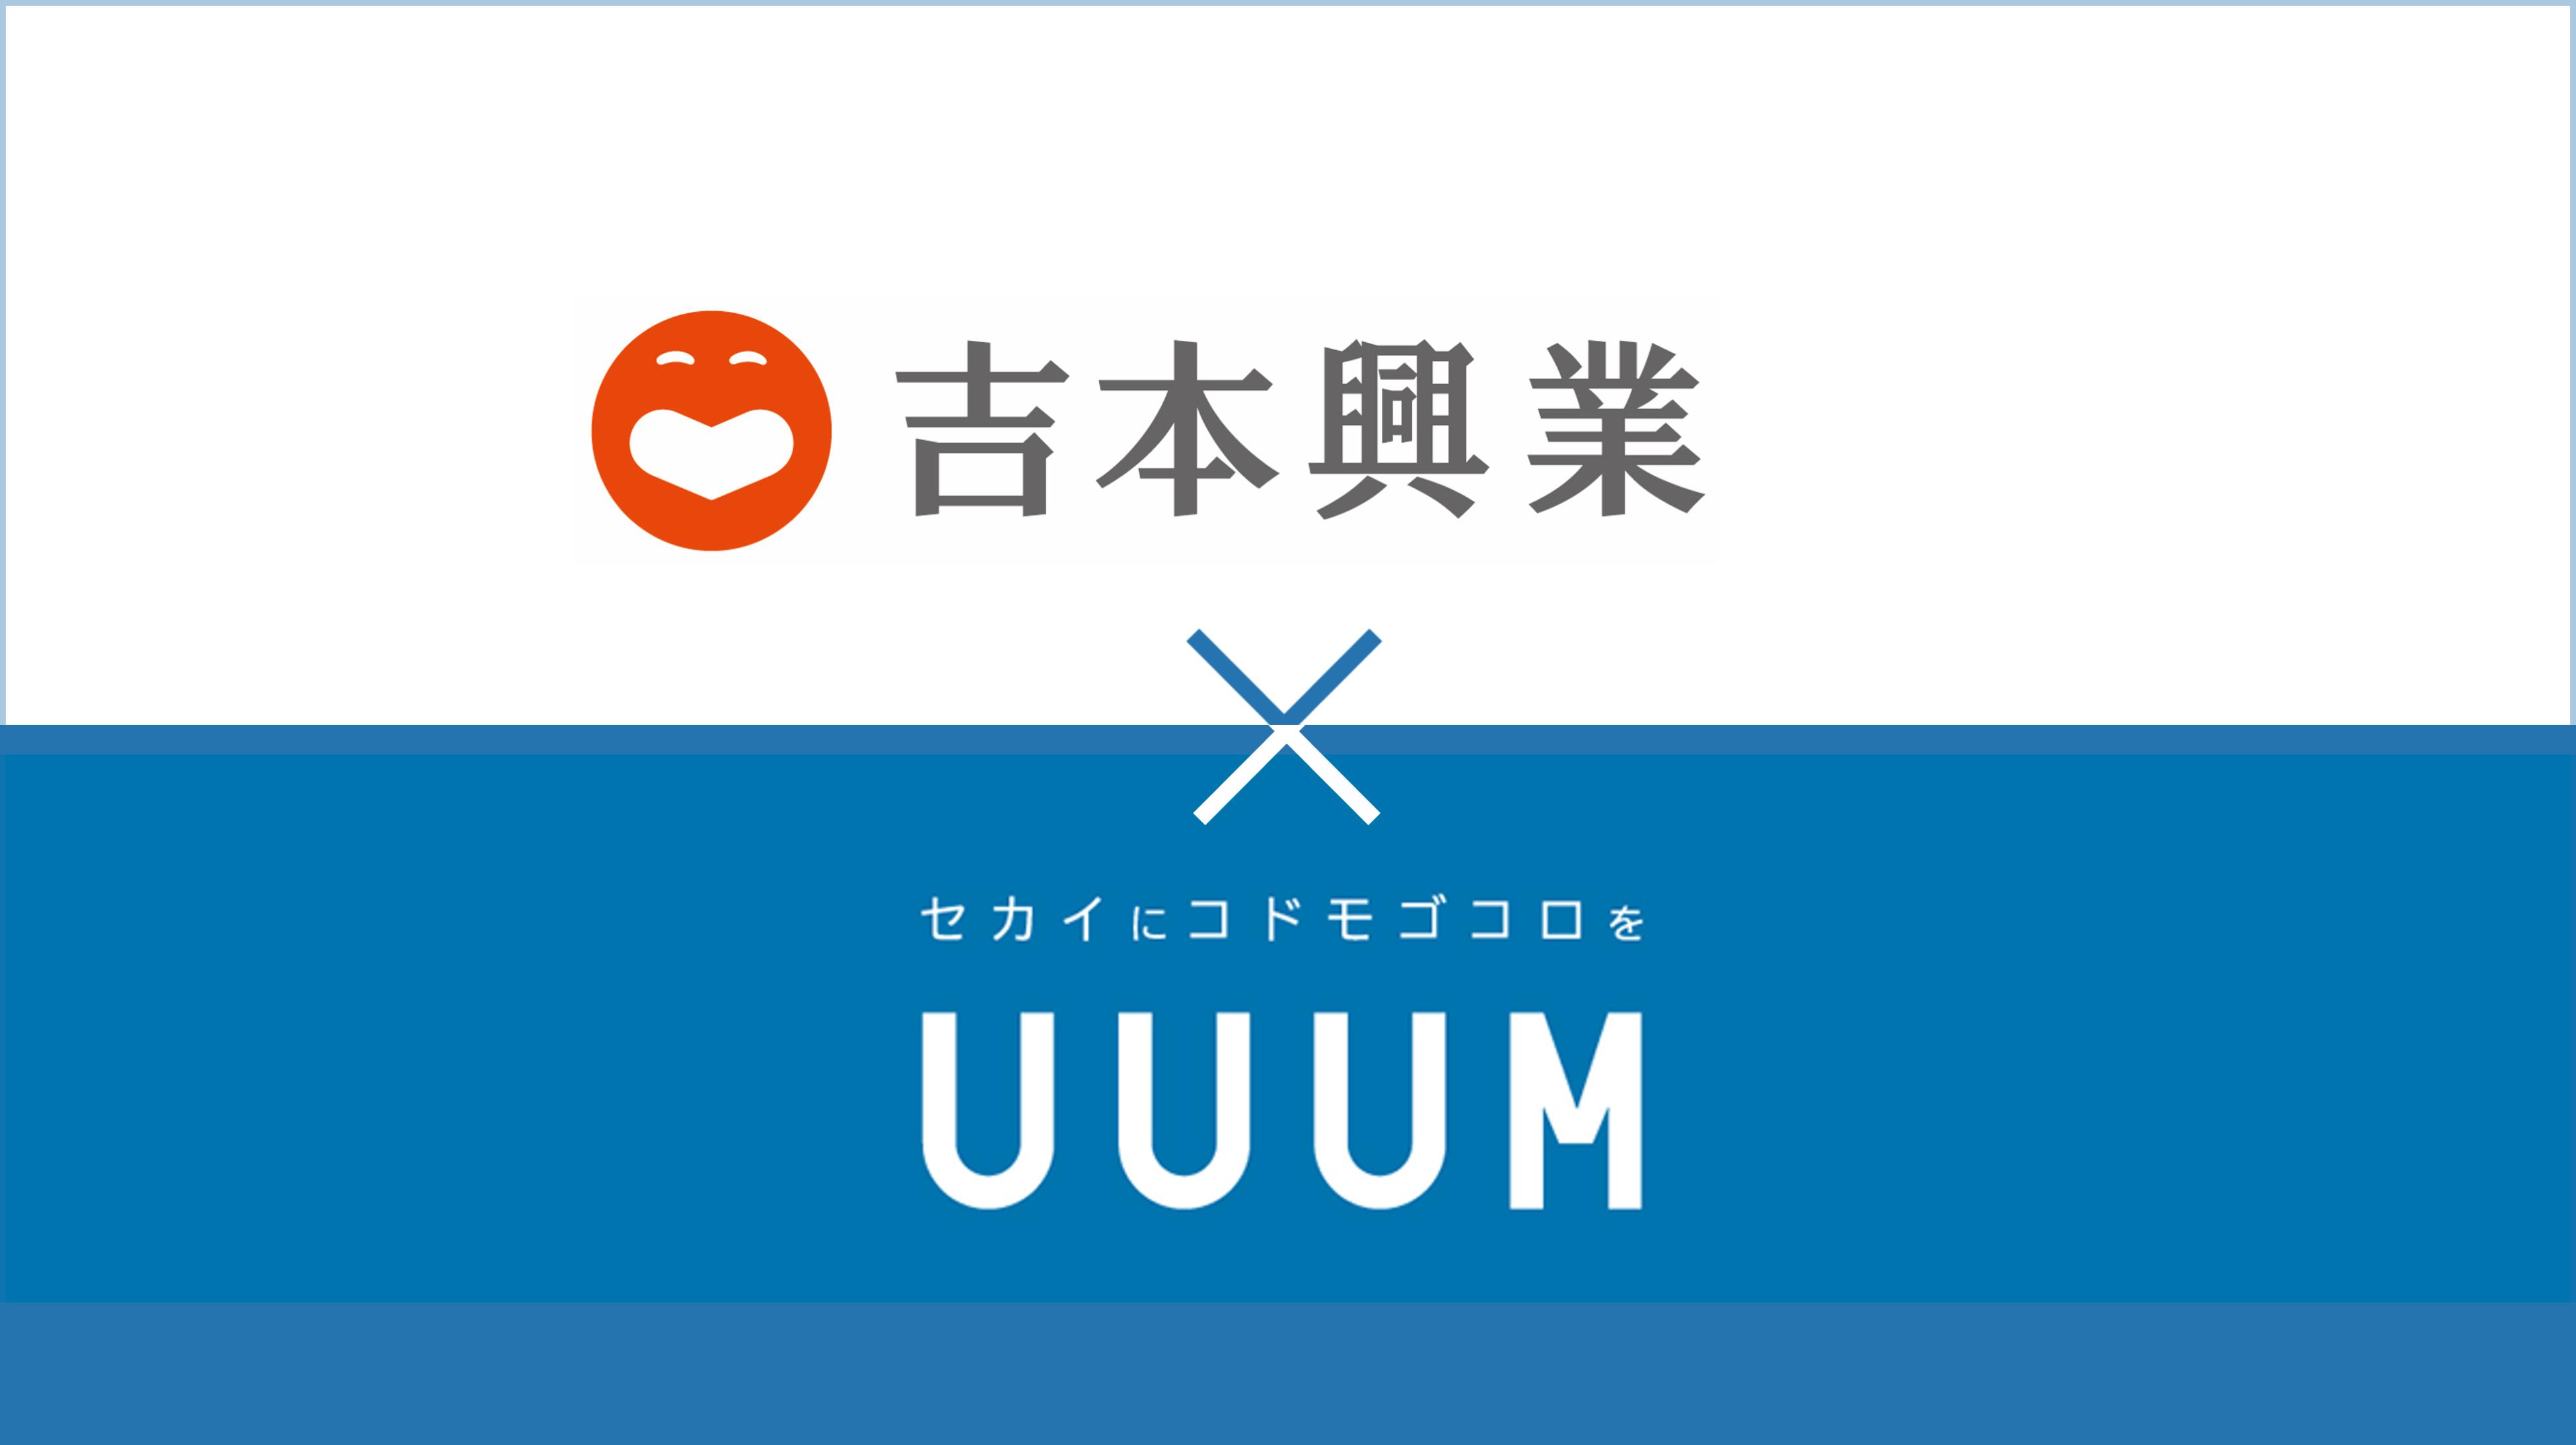 UUUMと吉本が提携 お互いどんな狙いがあるの?